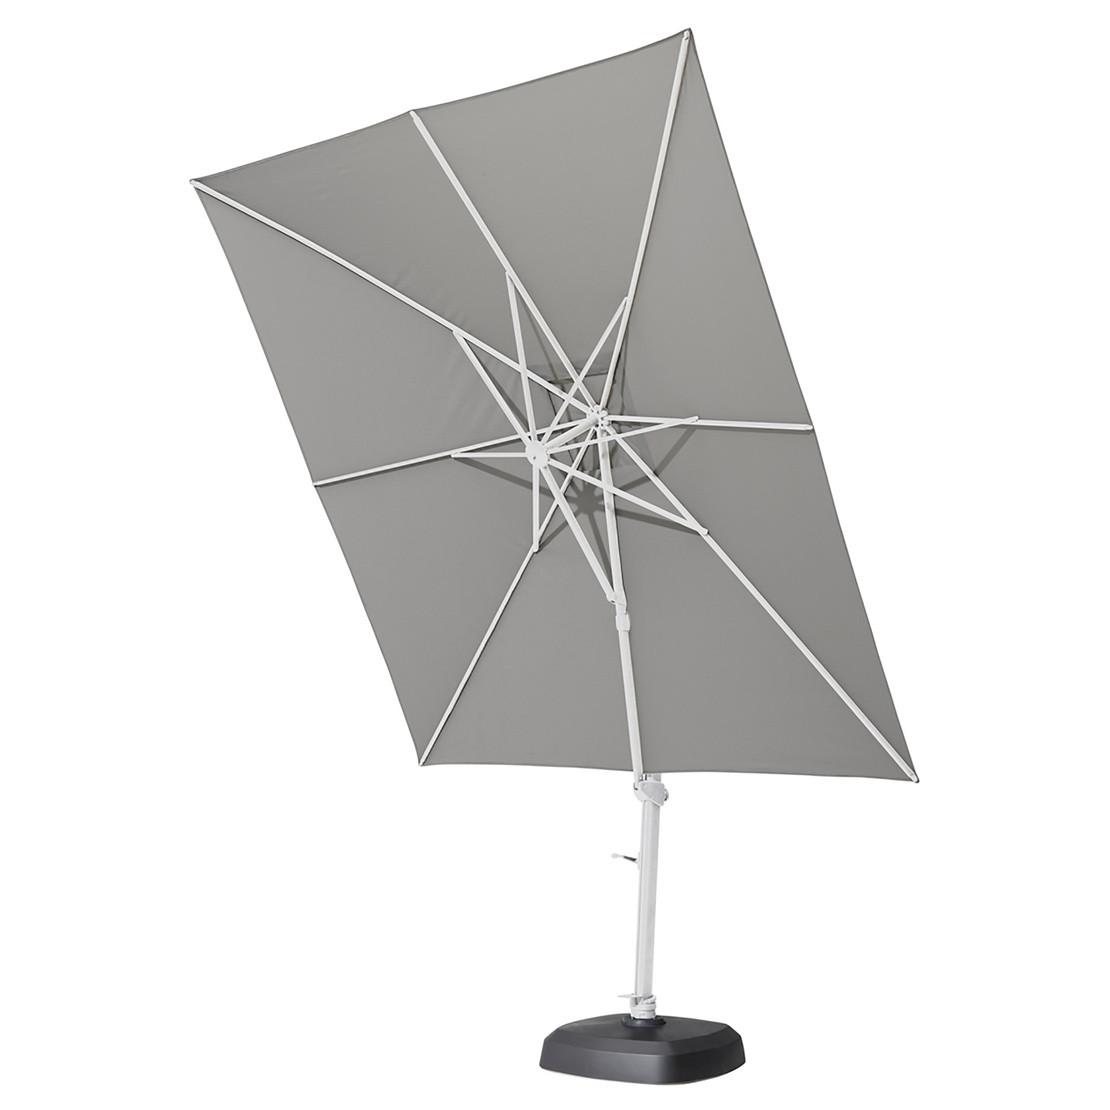 Siesta 300 x 300 cm White frame Soft Grey